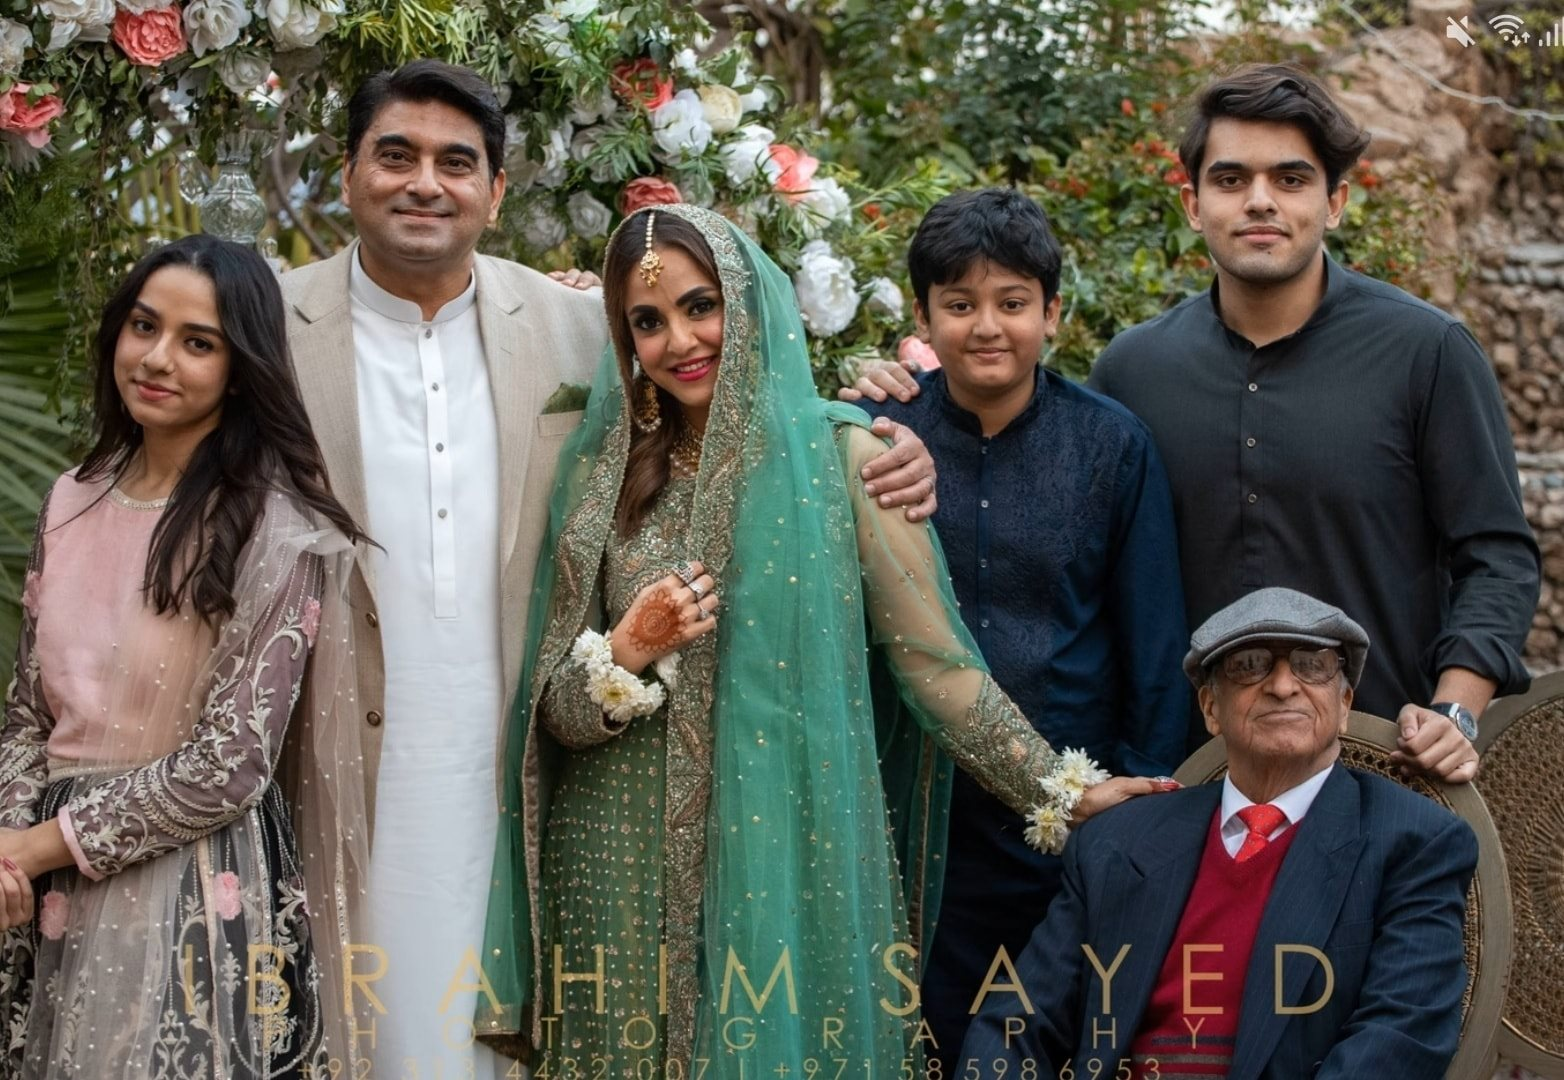 Nadia Khan kids at the wedding